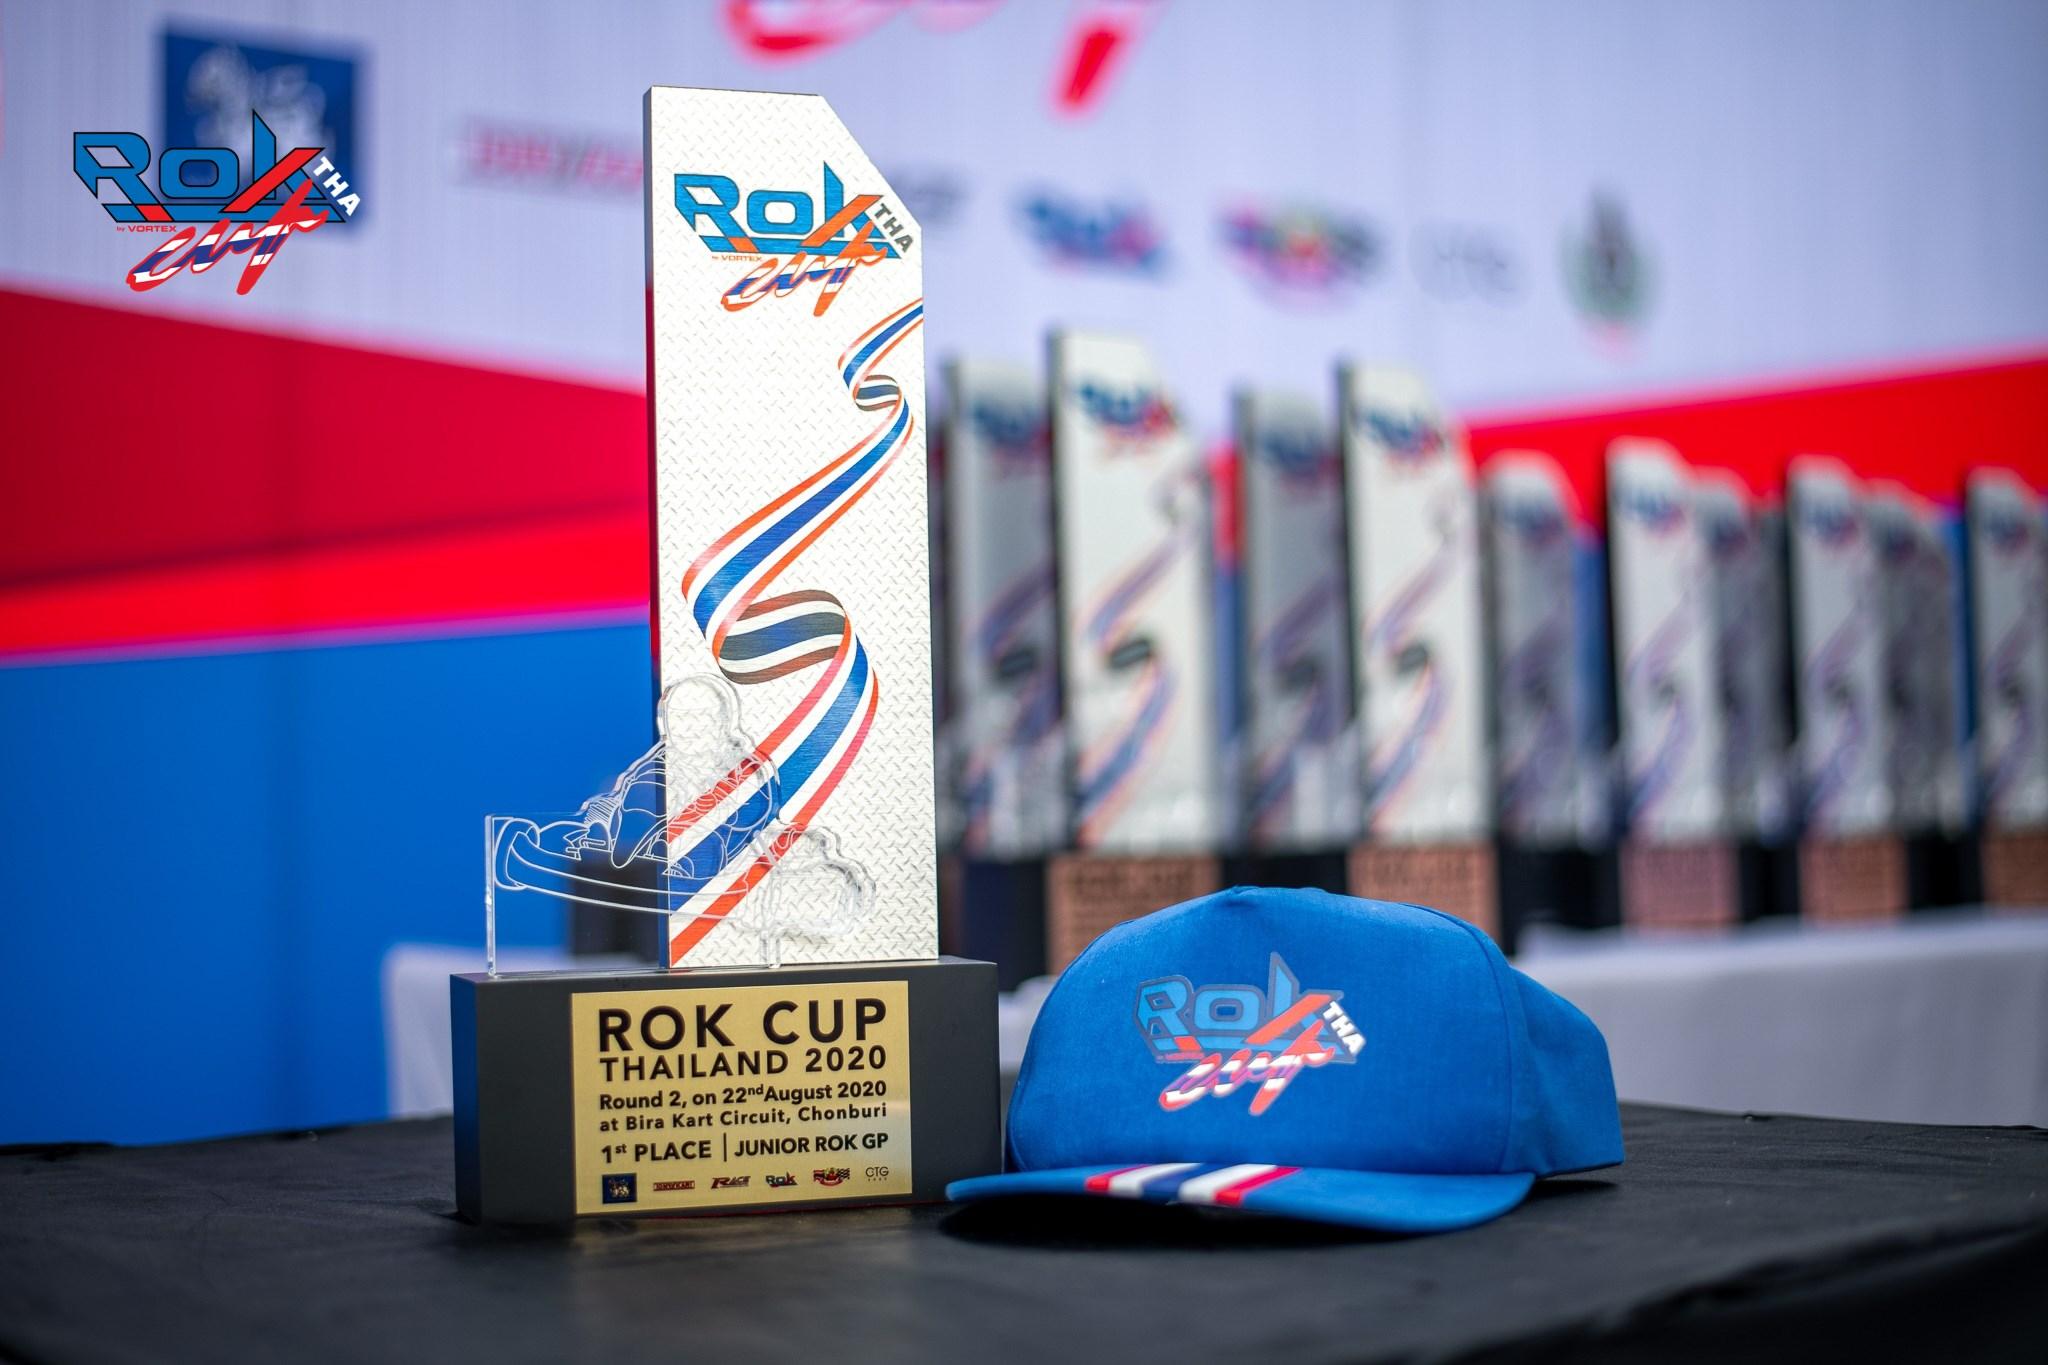 Round 2 : 22-08-2020 ROK CUP THAILAND 2020 AT BIRA